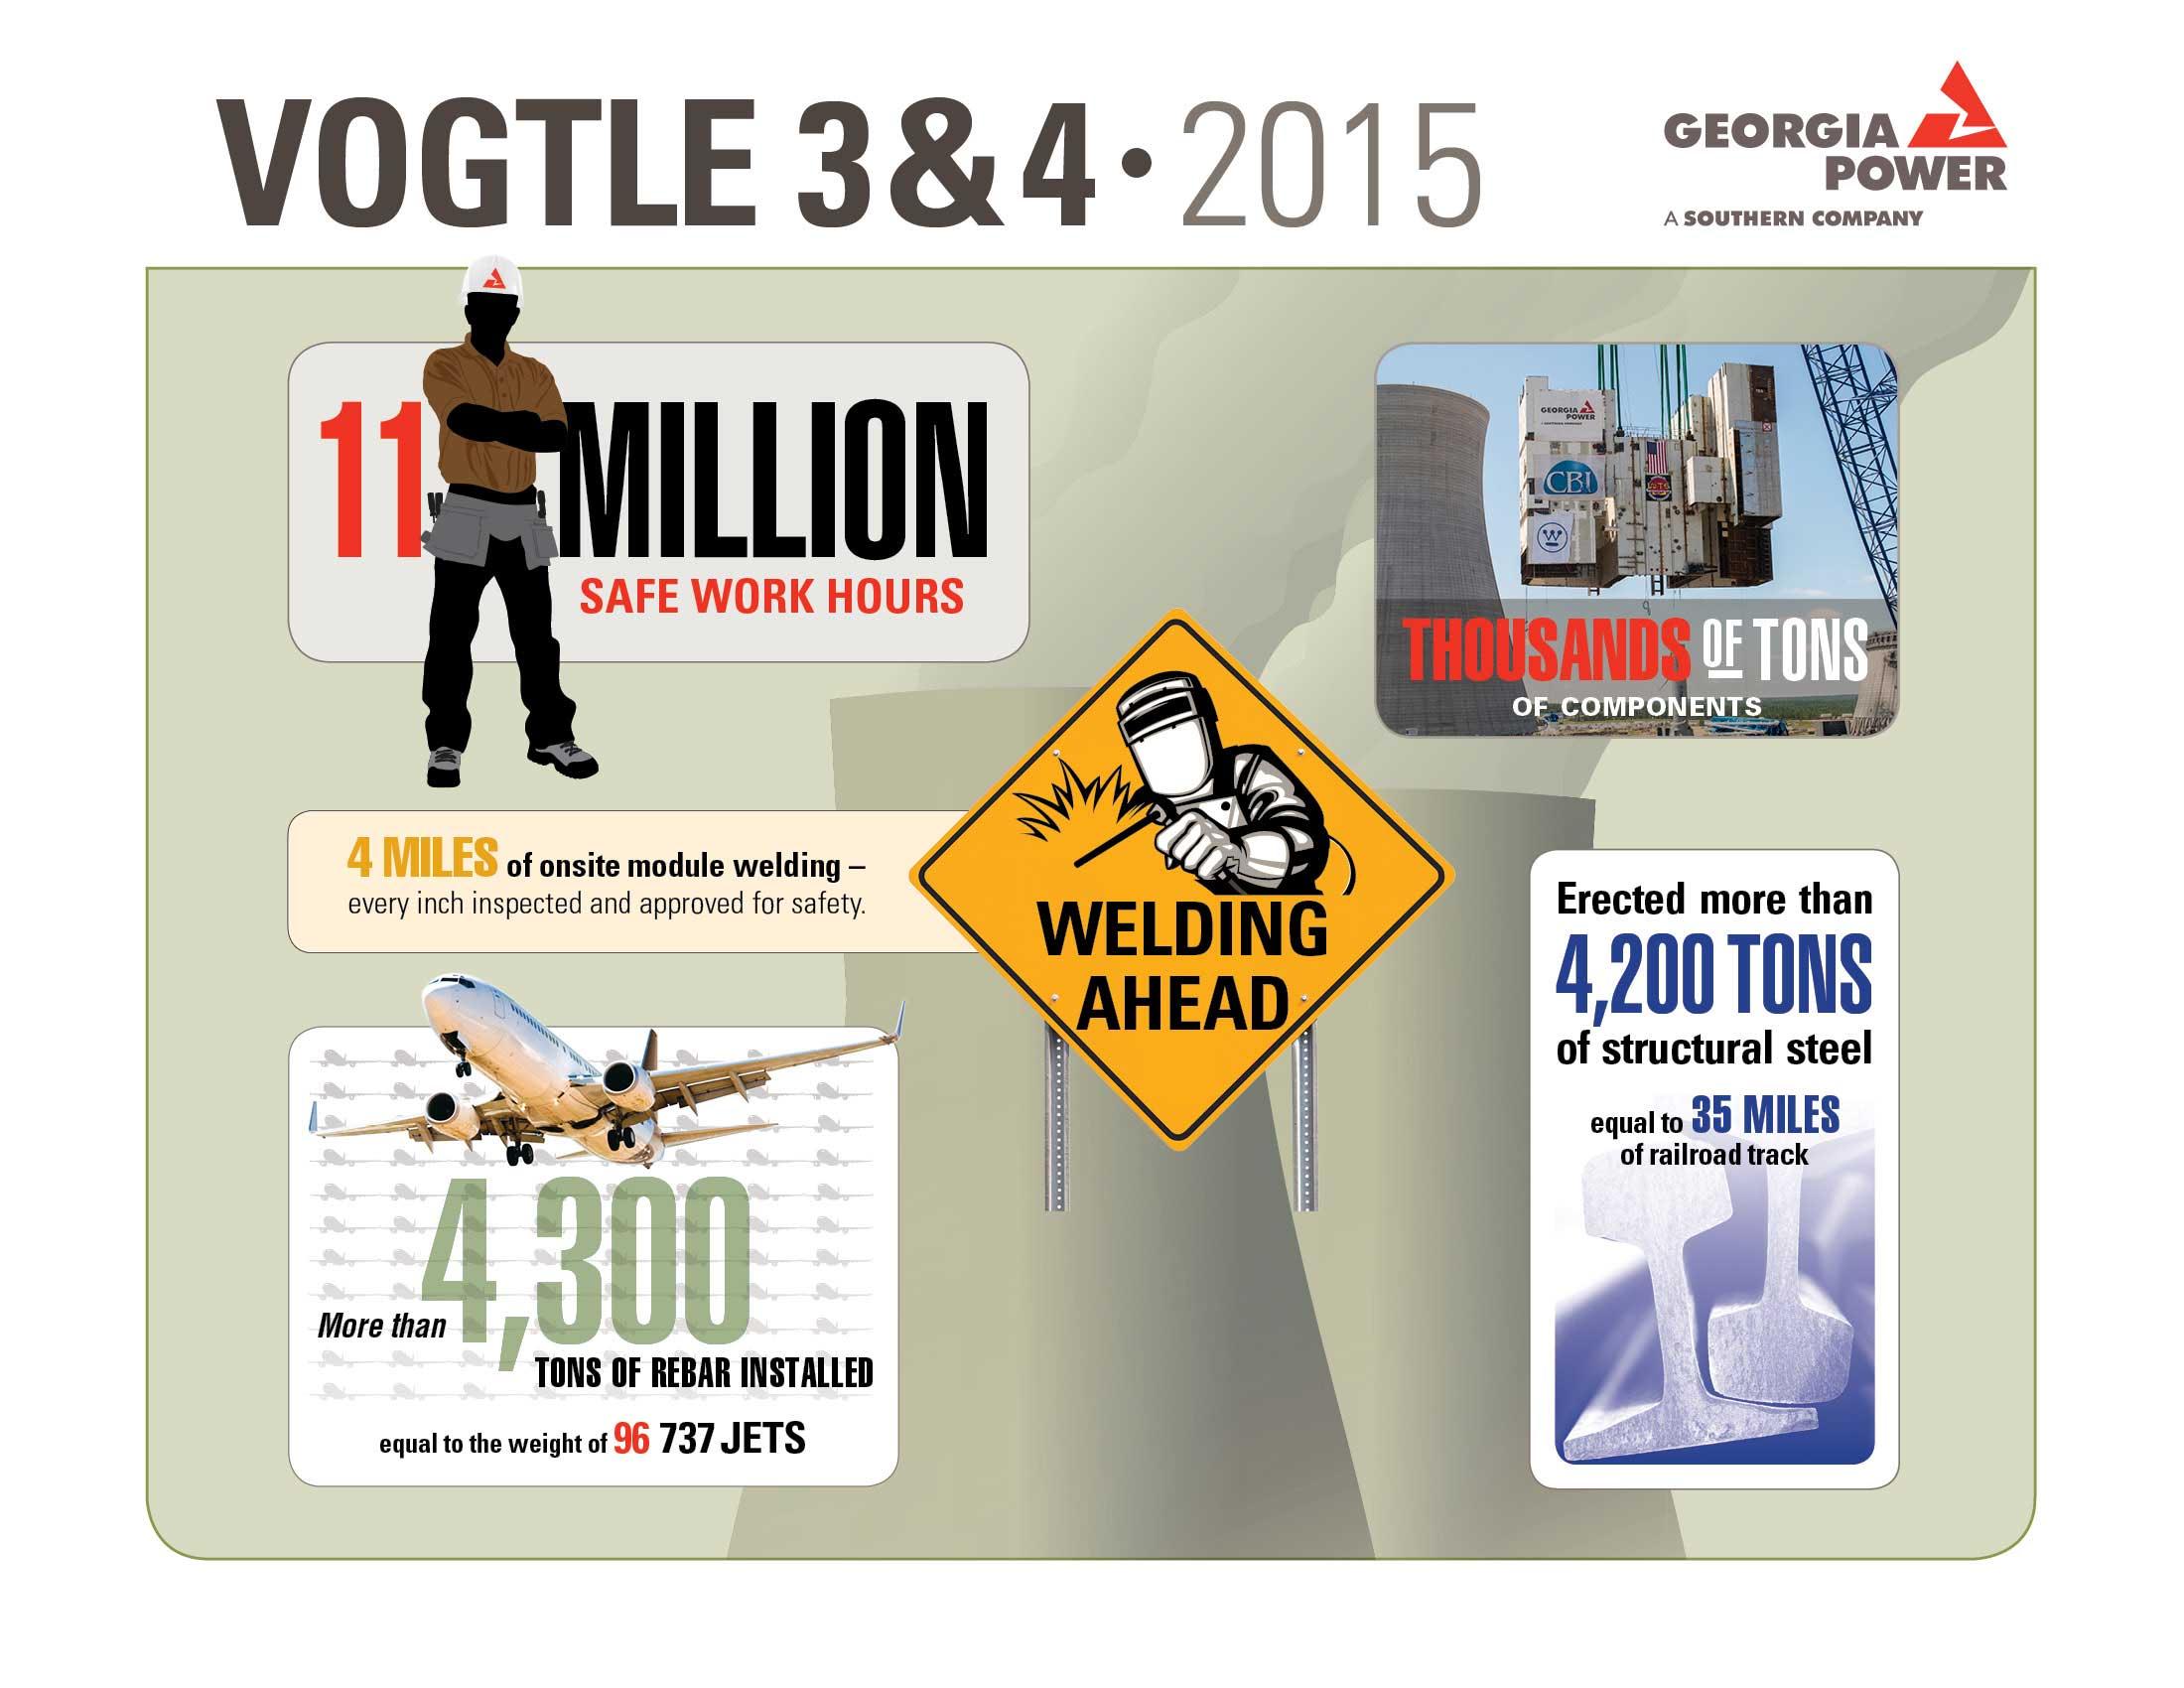 Vogtle 3 & 4 2015 Milestone Infographic